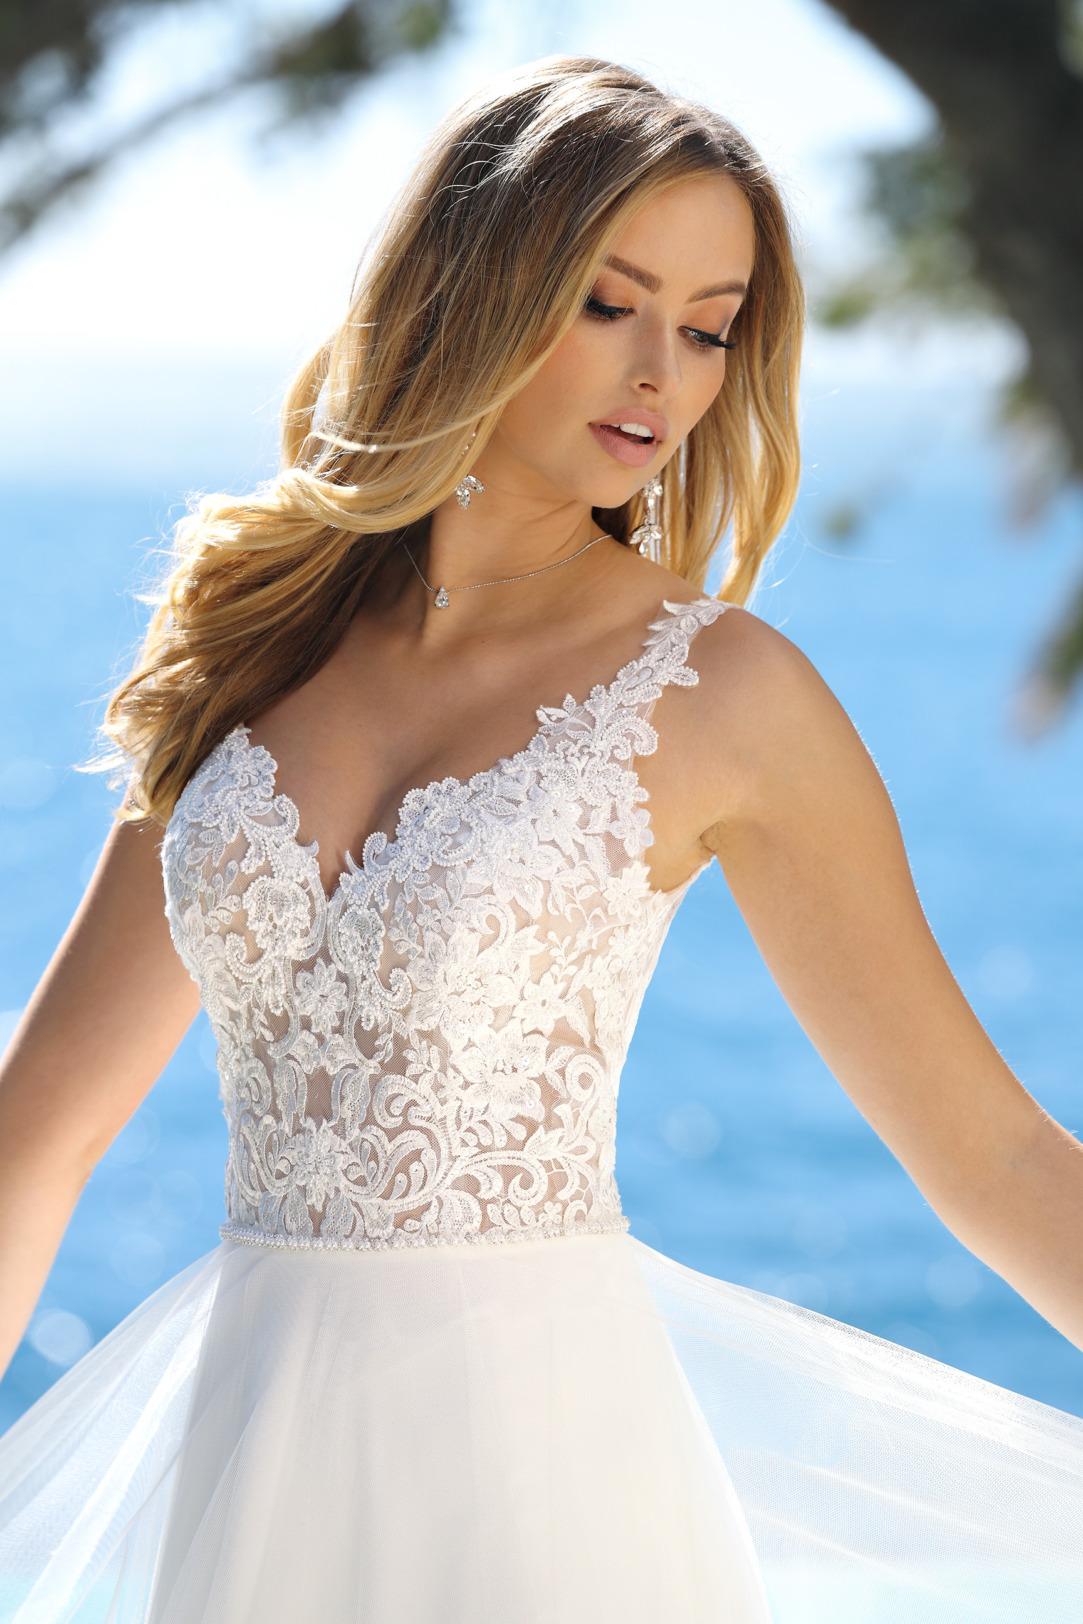 Brautkleider Hochzeitskleider Ladybird Empire Stil Style Form Spitze lang schlicht Vintage mit V Ausschnitt Spitzen Träger Chiffon Rock Nahaufnahme vorne